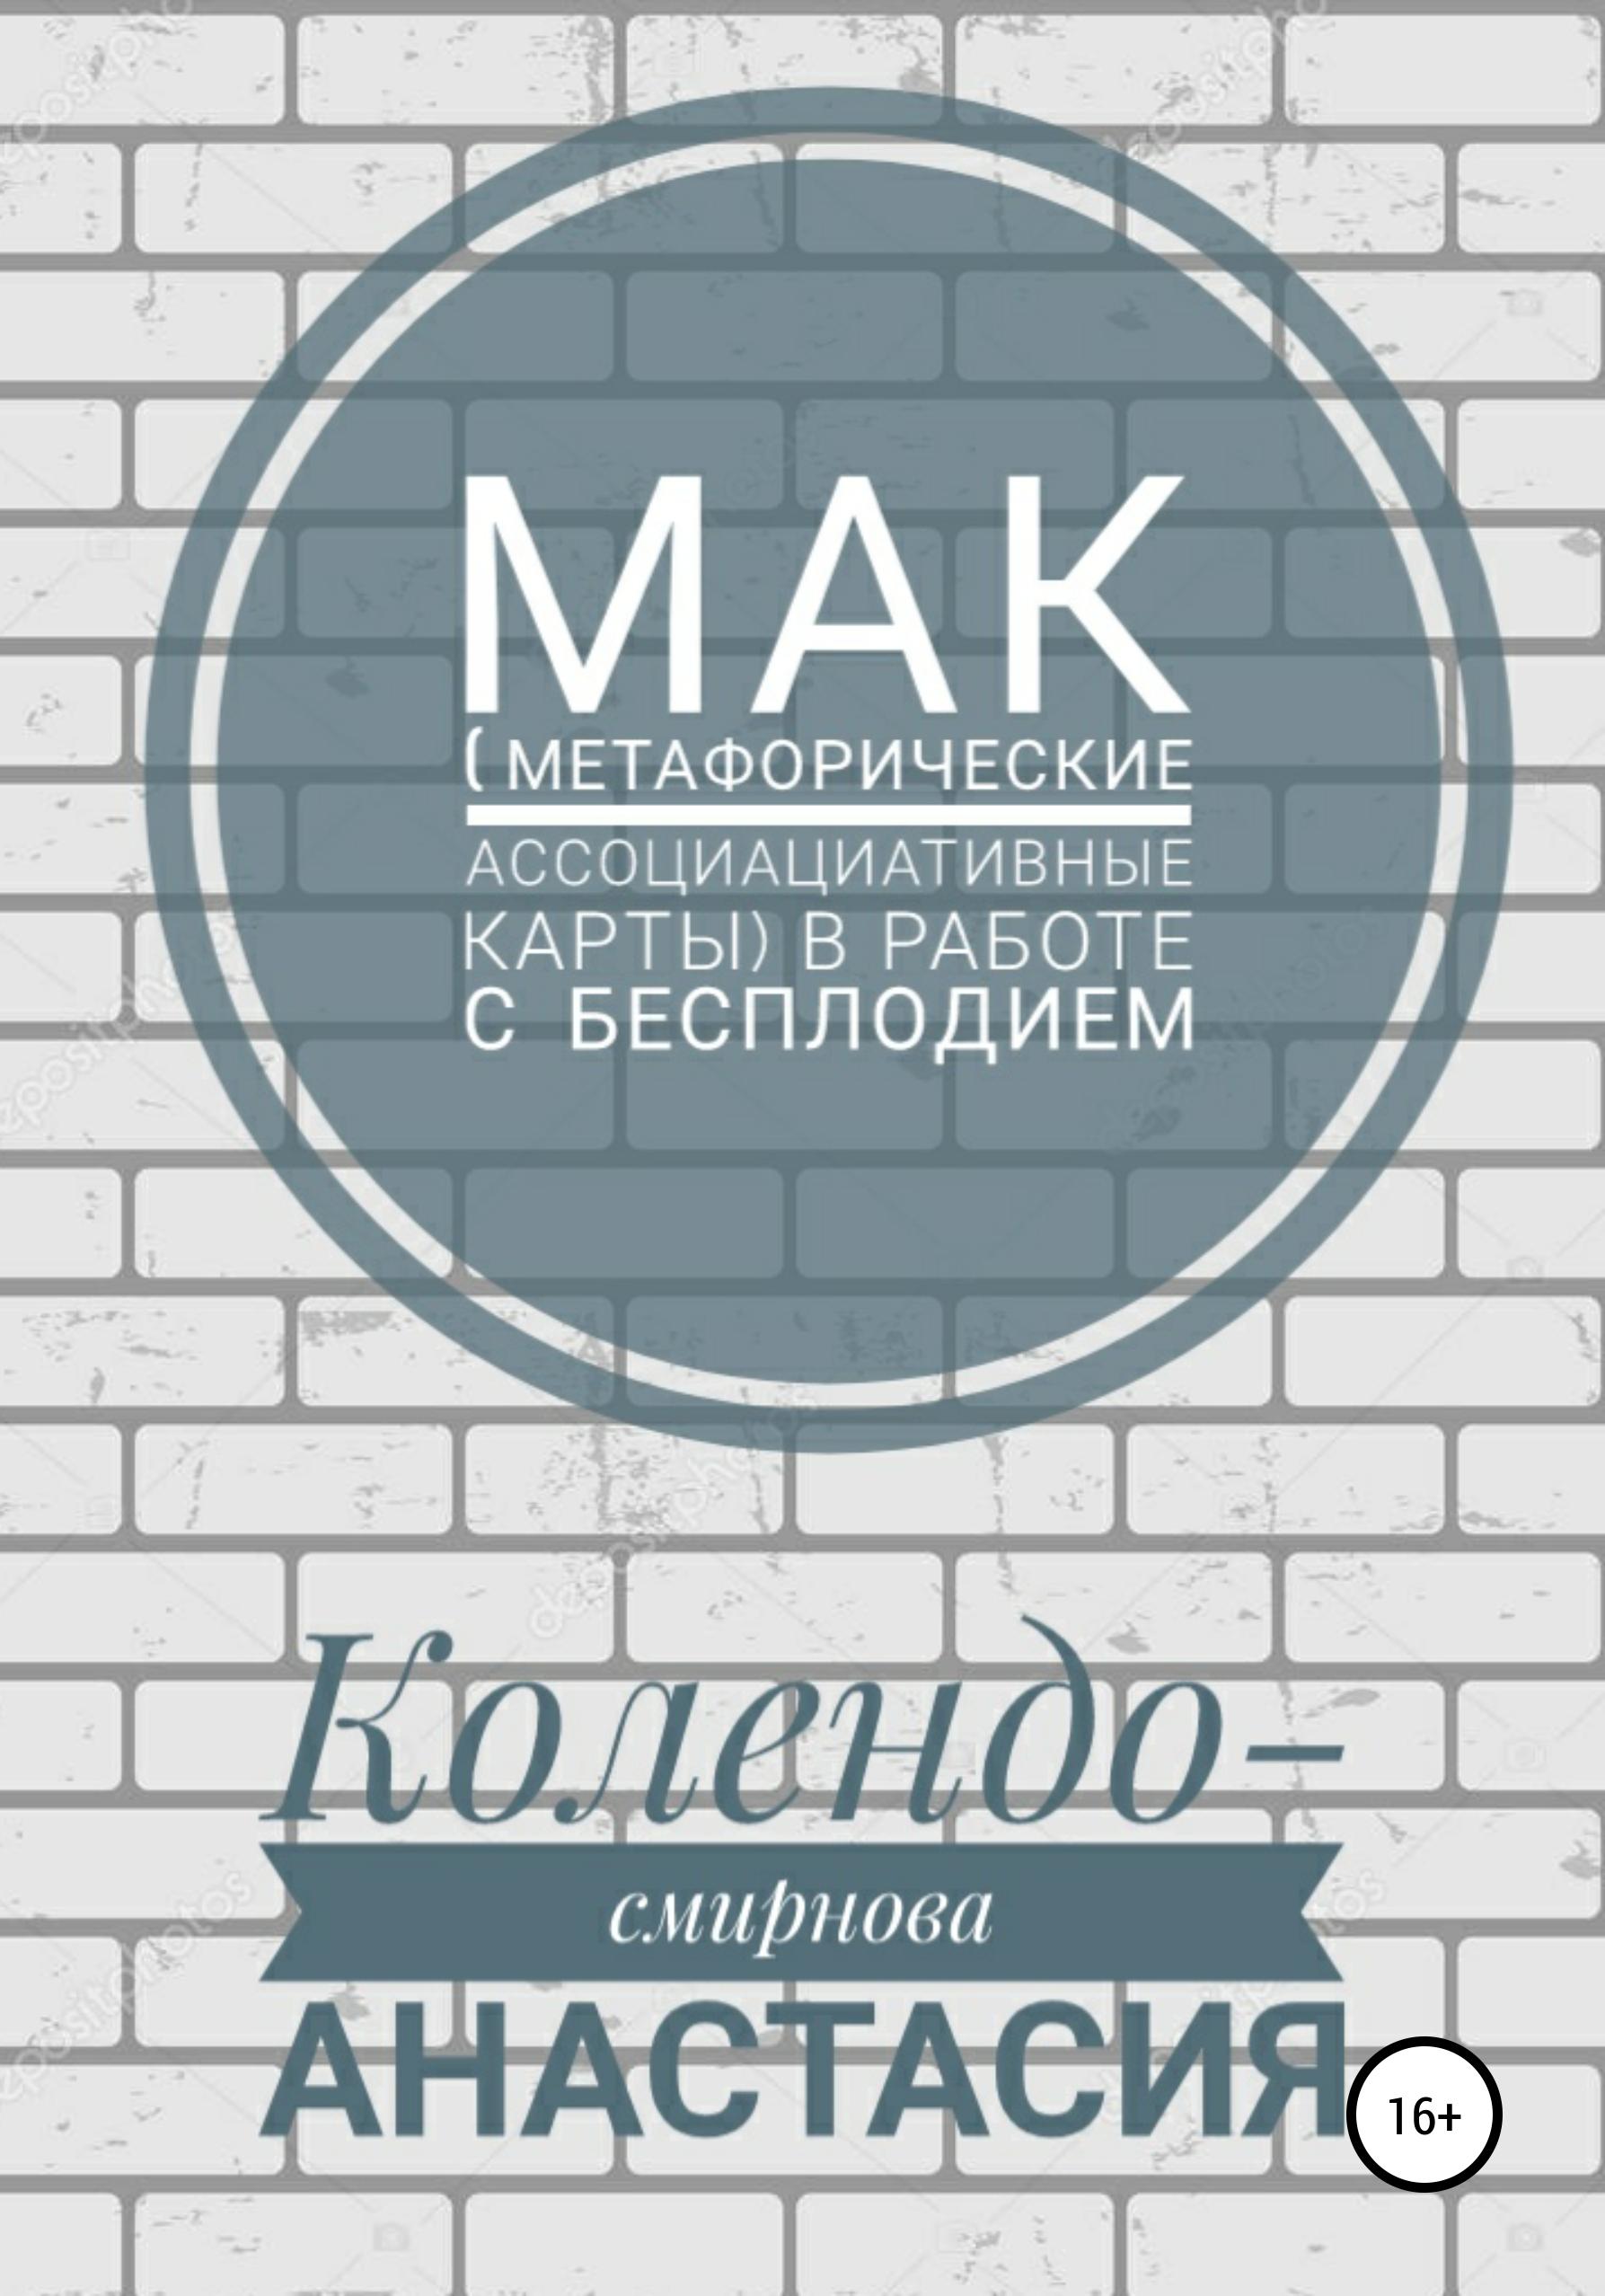 Купить книгу МАК (метафорические ассоциативные карты) в работе с бесплодием, автора Анастасии Колендо-Смирновой